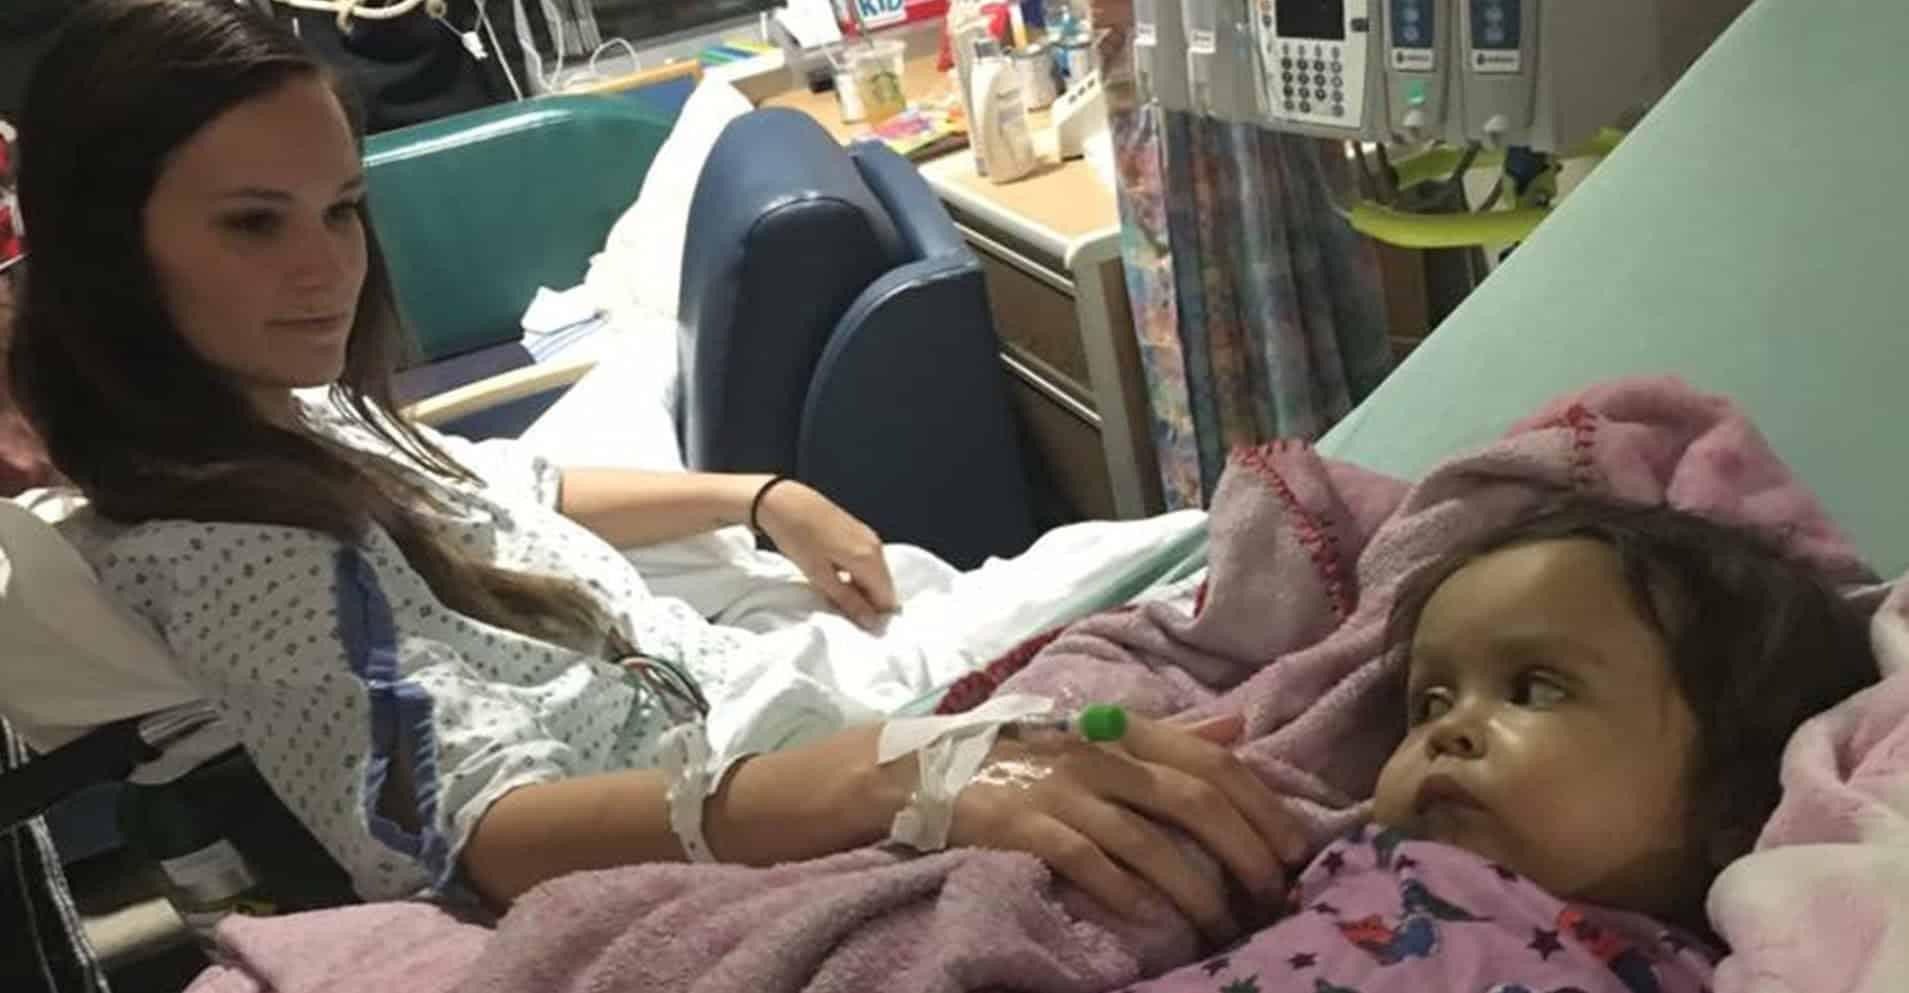 O bona si-a donat o parte din ficat fetitei de 1 an si 4 luni pe care o ingrijea pentru a-i salva viata  | Demamici.ro